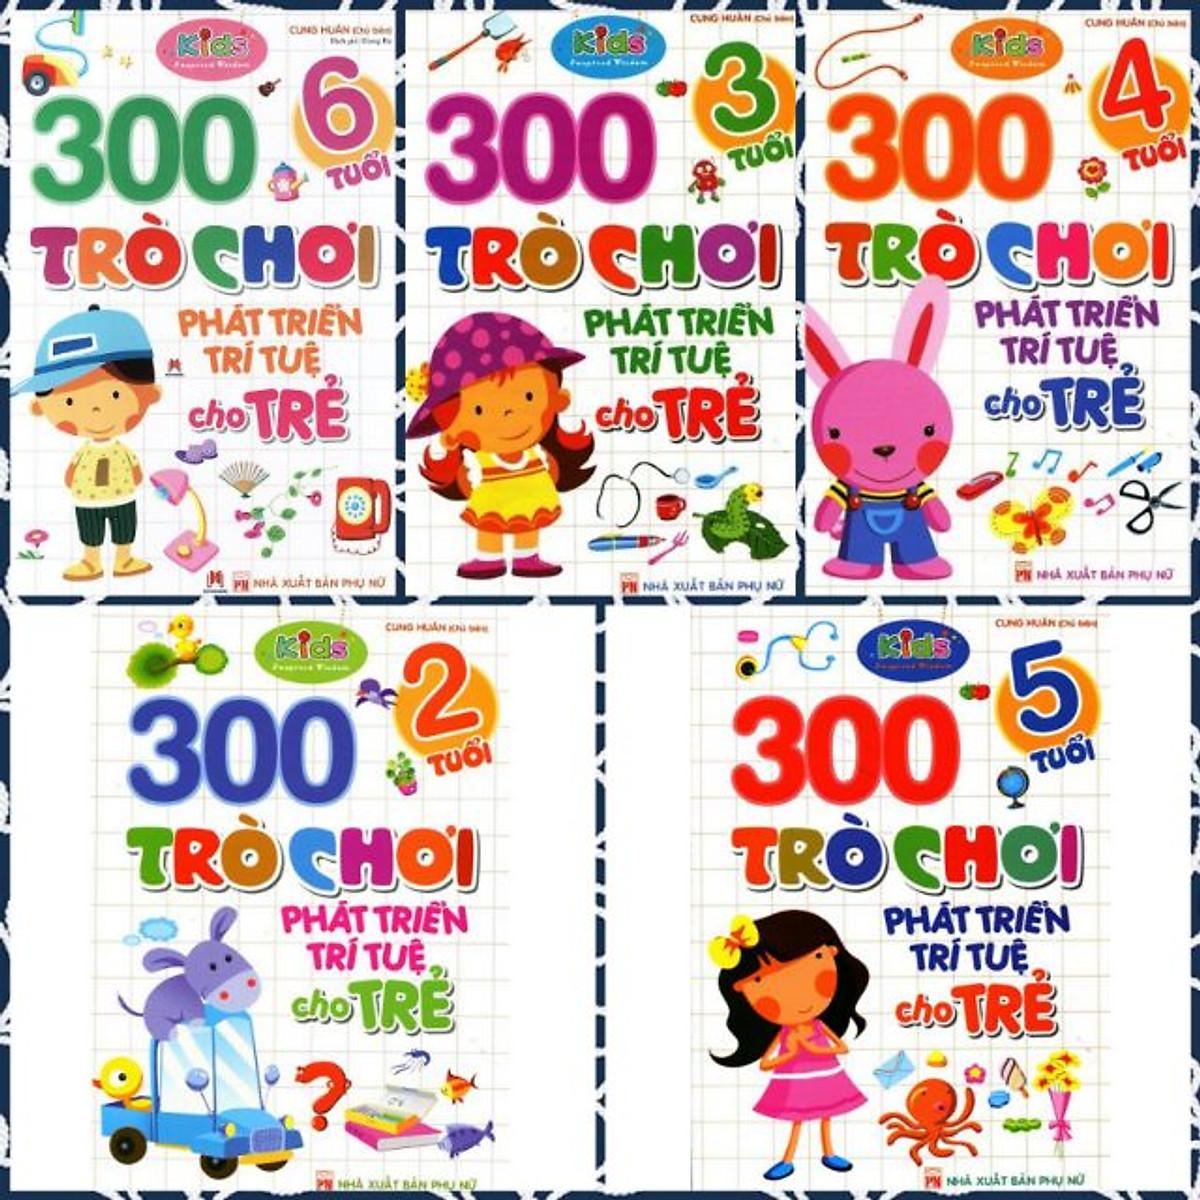 Hình đại diện sản phẩm Trọn bộ 300 Trò chơi Phát Triển Trí Tuệ cho trẻ - ( 2 Tuổi, 3 tuổi, 4 Tuổi, 5 Tuổi, 6 Tuổi)